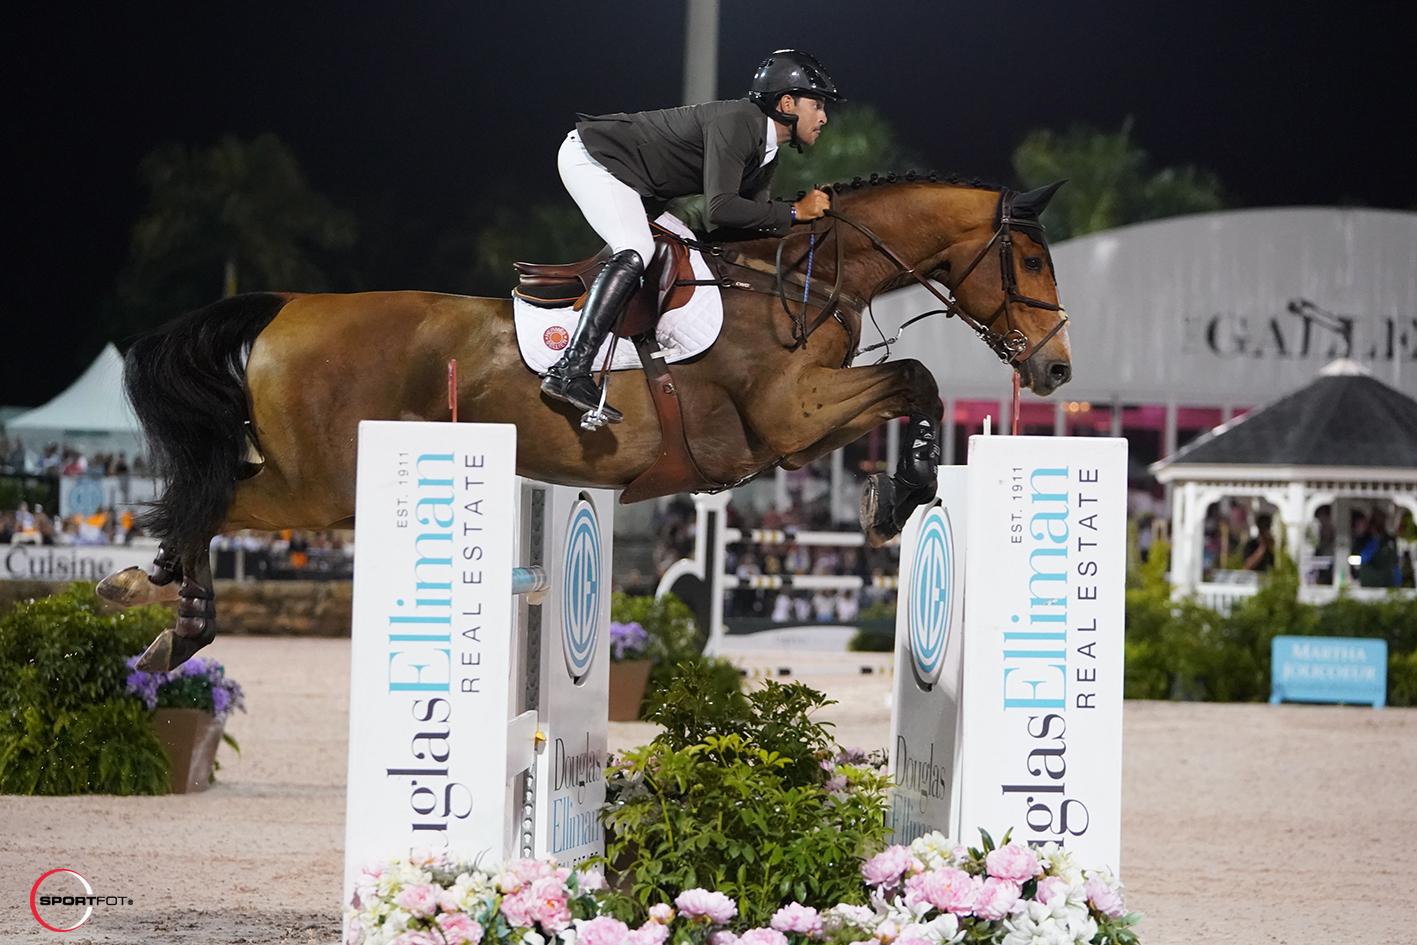 Daniel Bluman and Ladriano Z 43100220 Sportfot